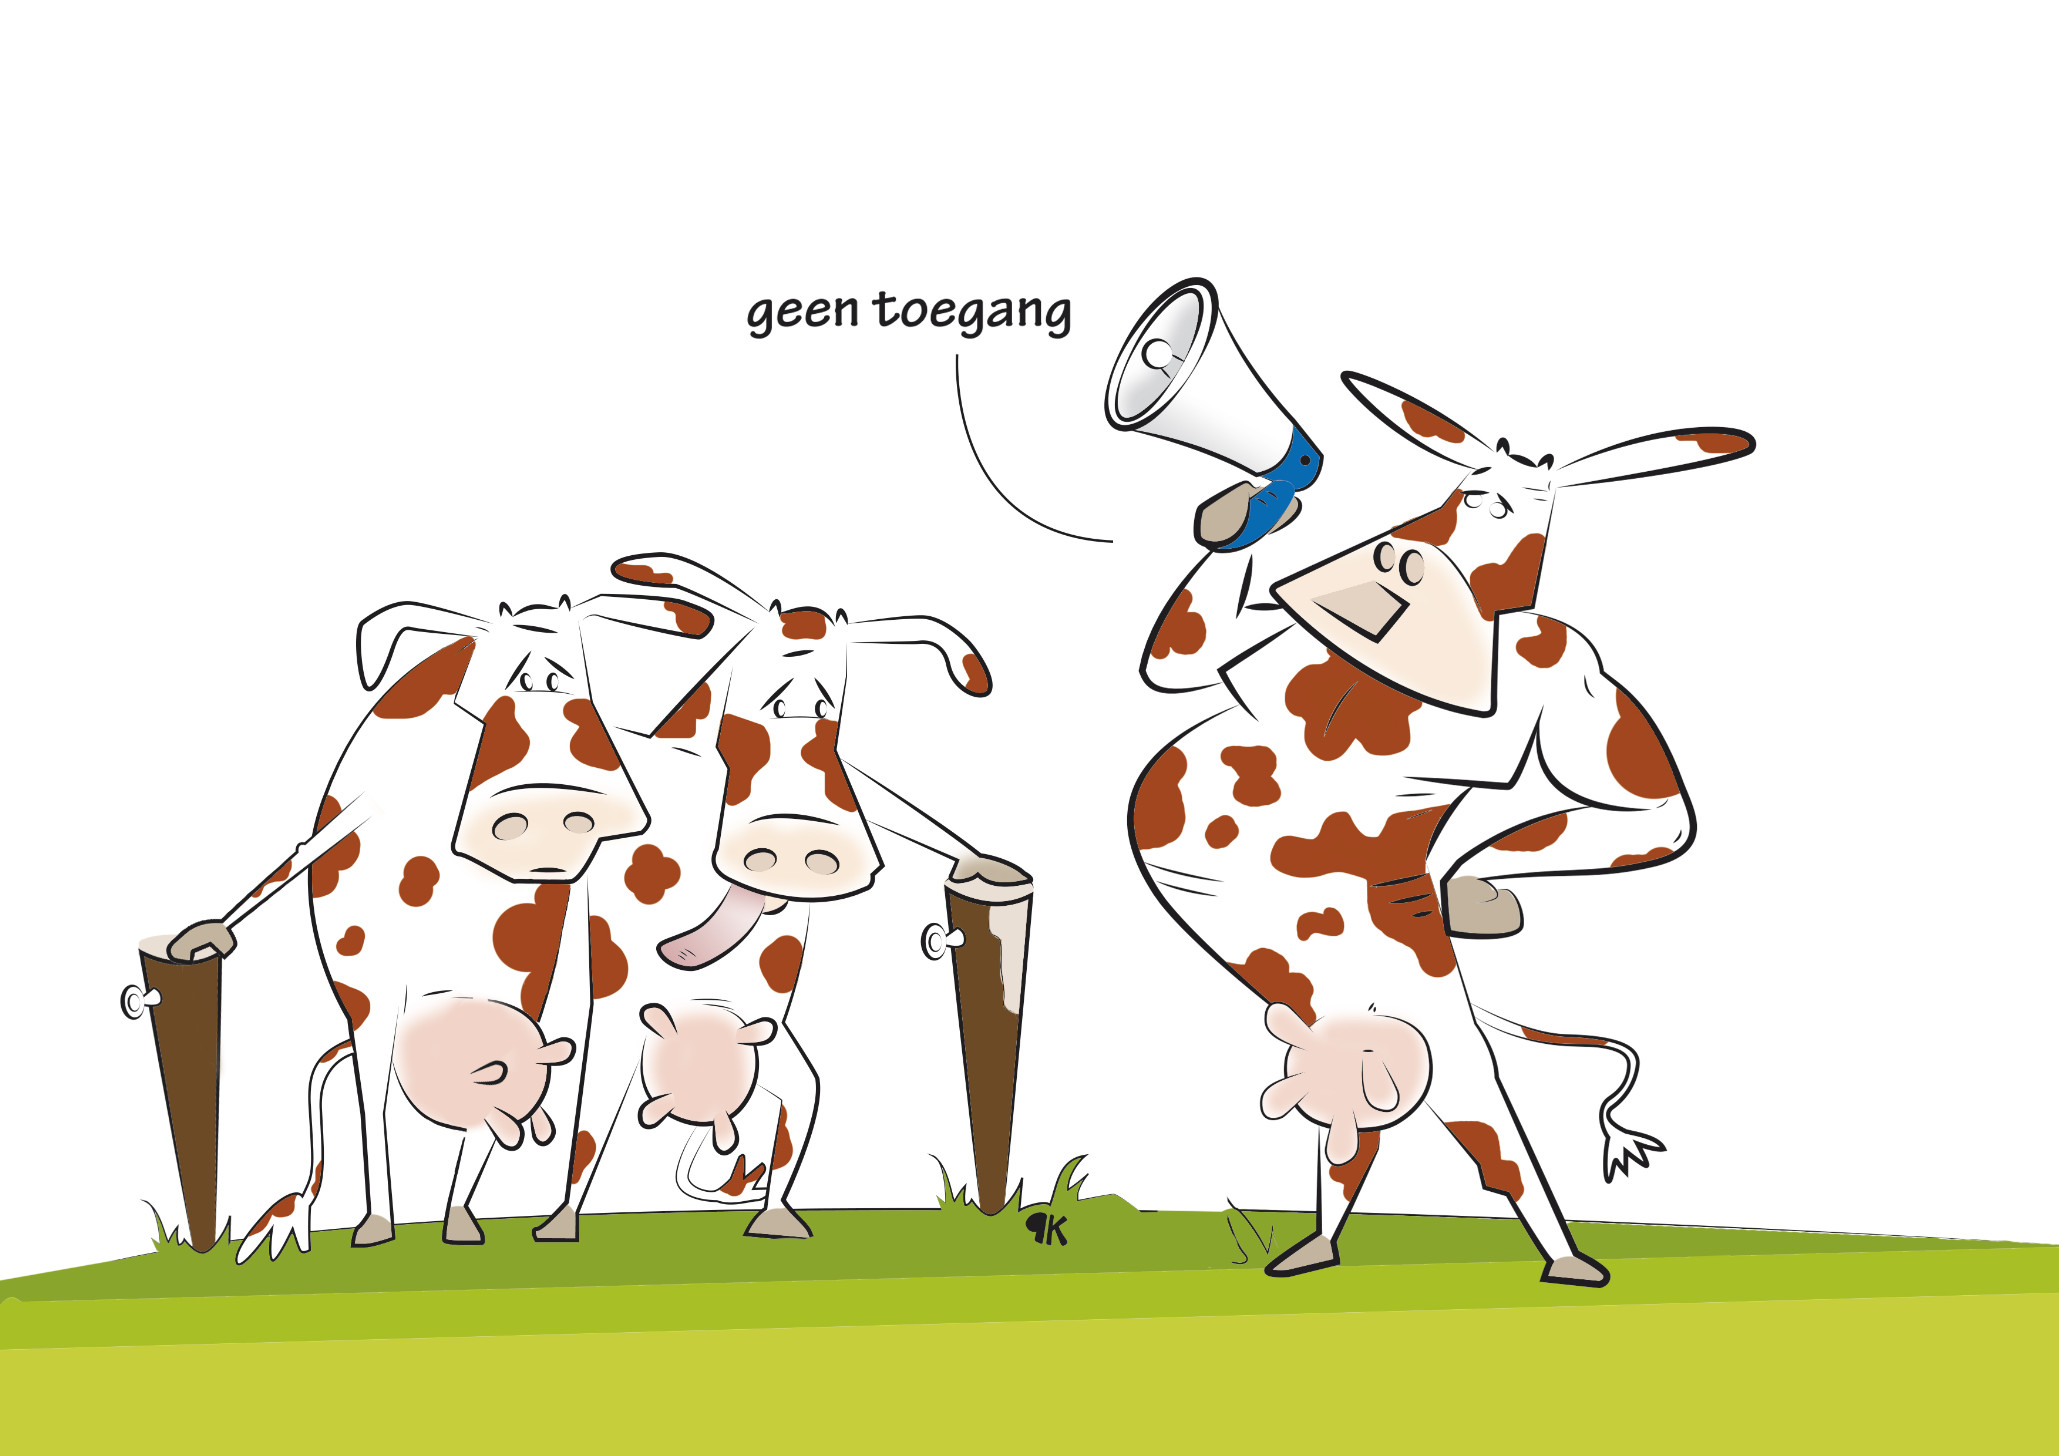 Analisten: melkprijs daalt nog verder